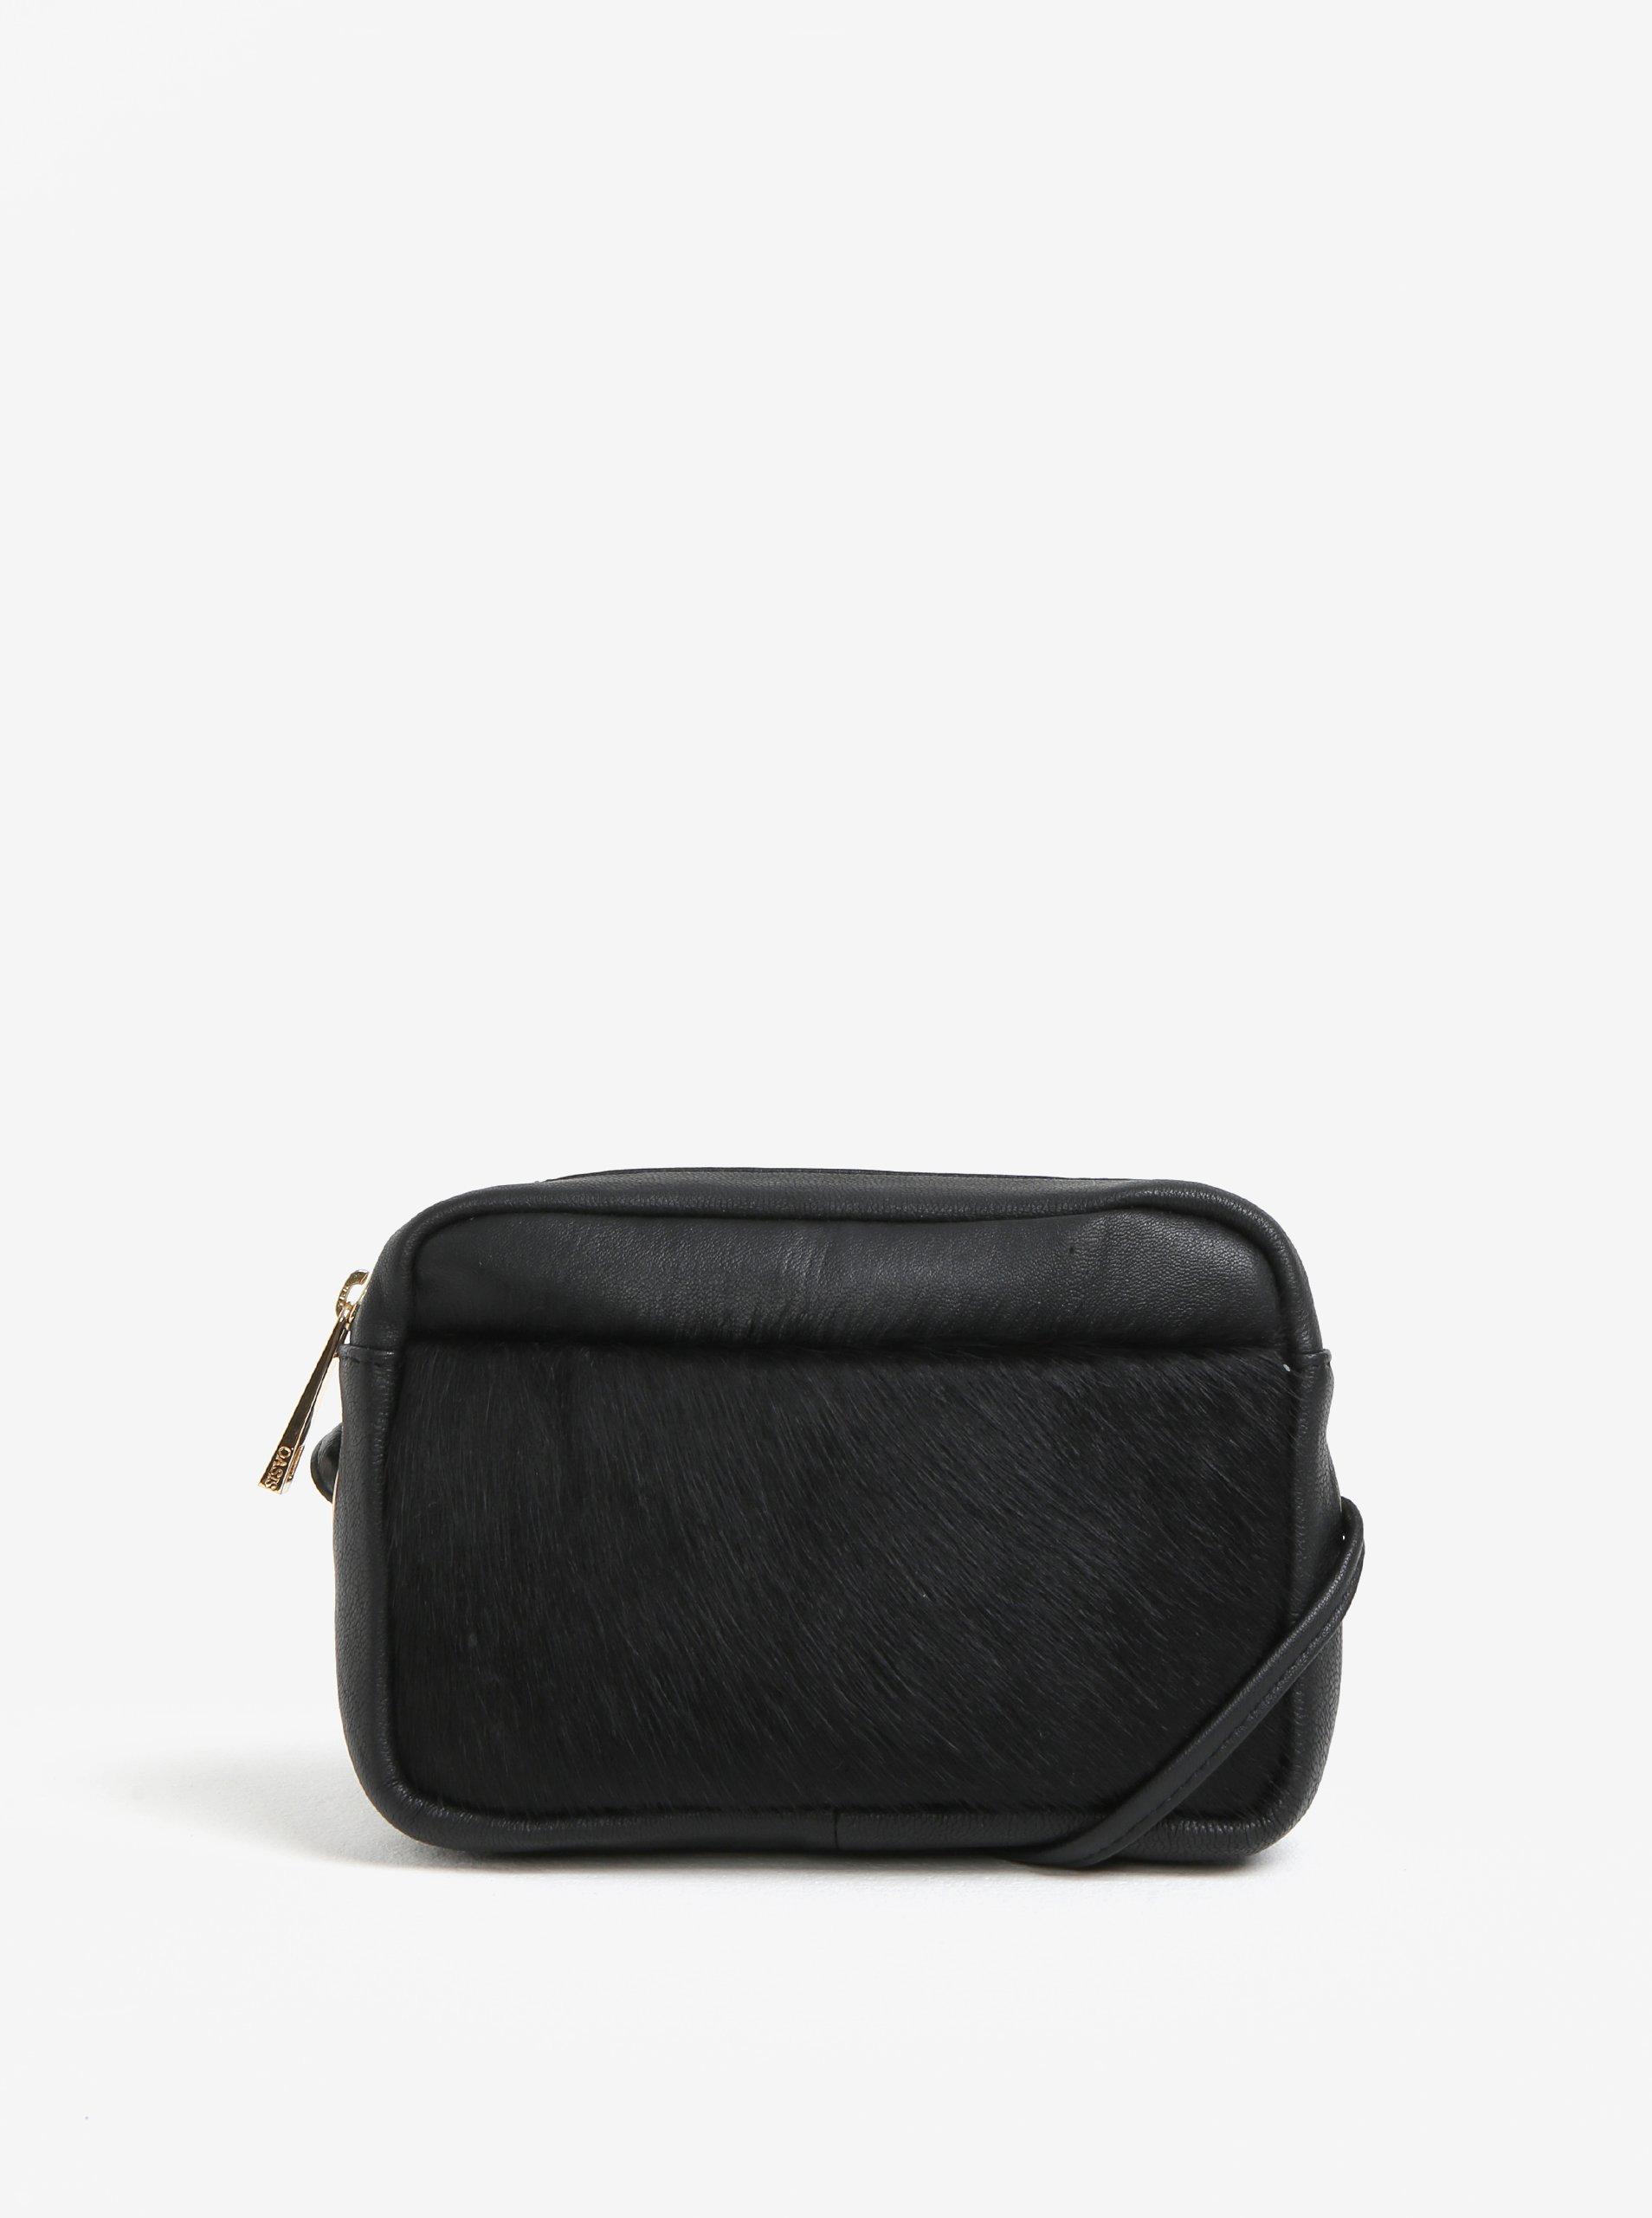 Čierna kožená crossbody kabelka s imitáciou zvieracej srsti Oasis Camera